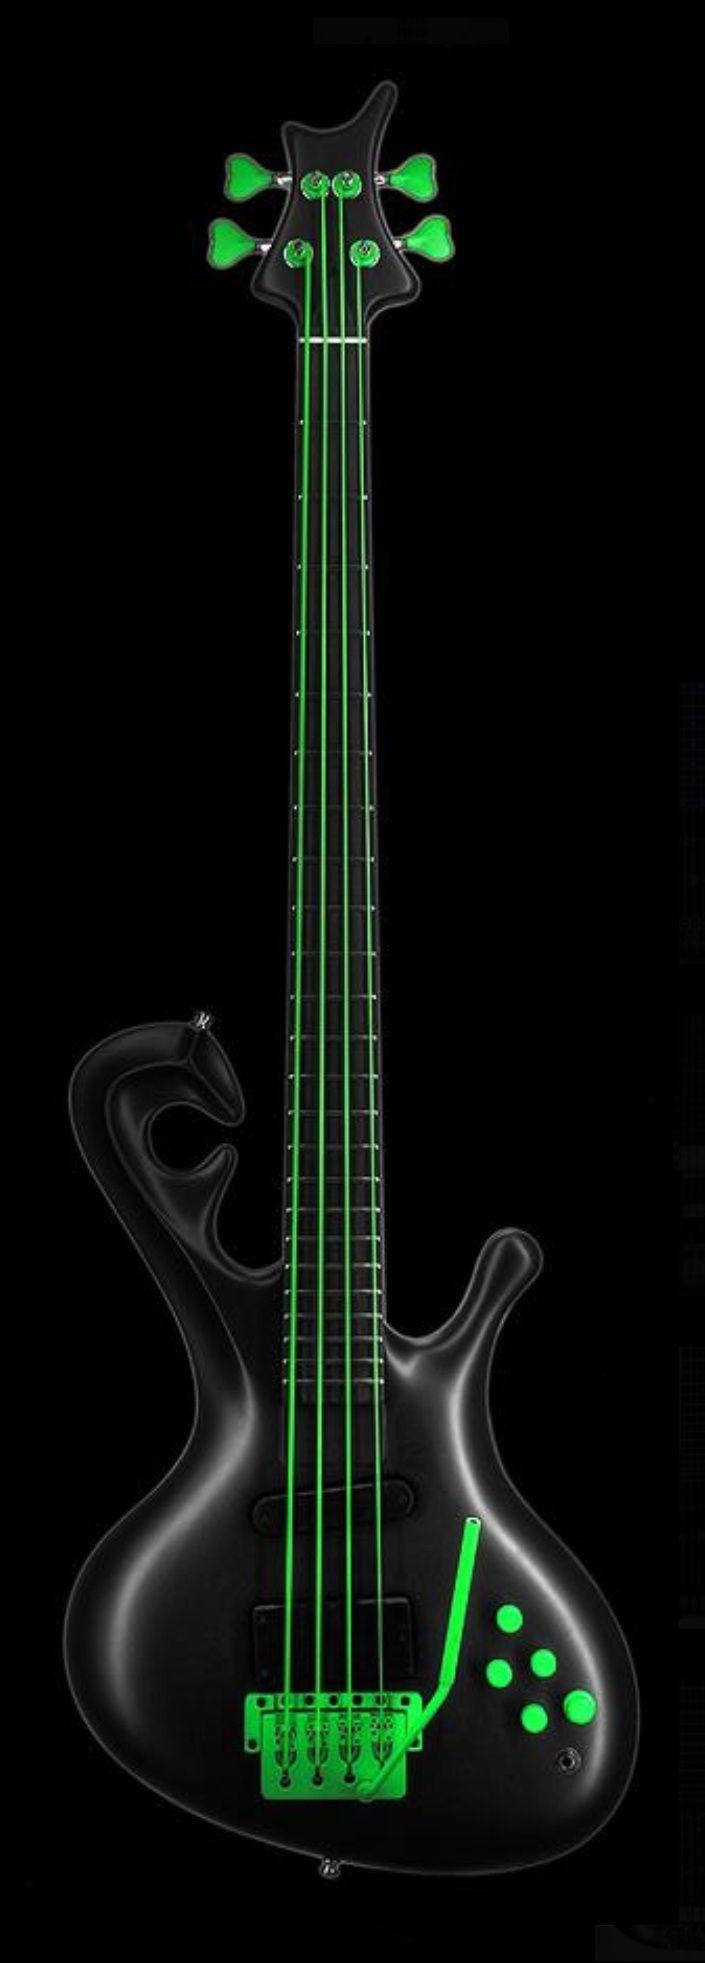 Jens Ritter Okon Neon Green - Bass Guitar